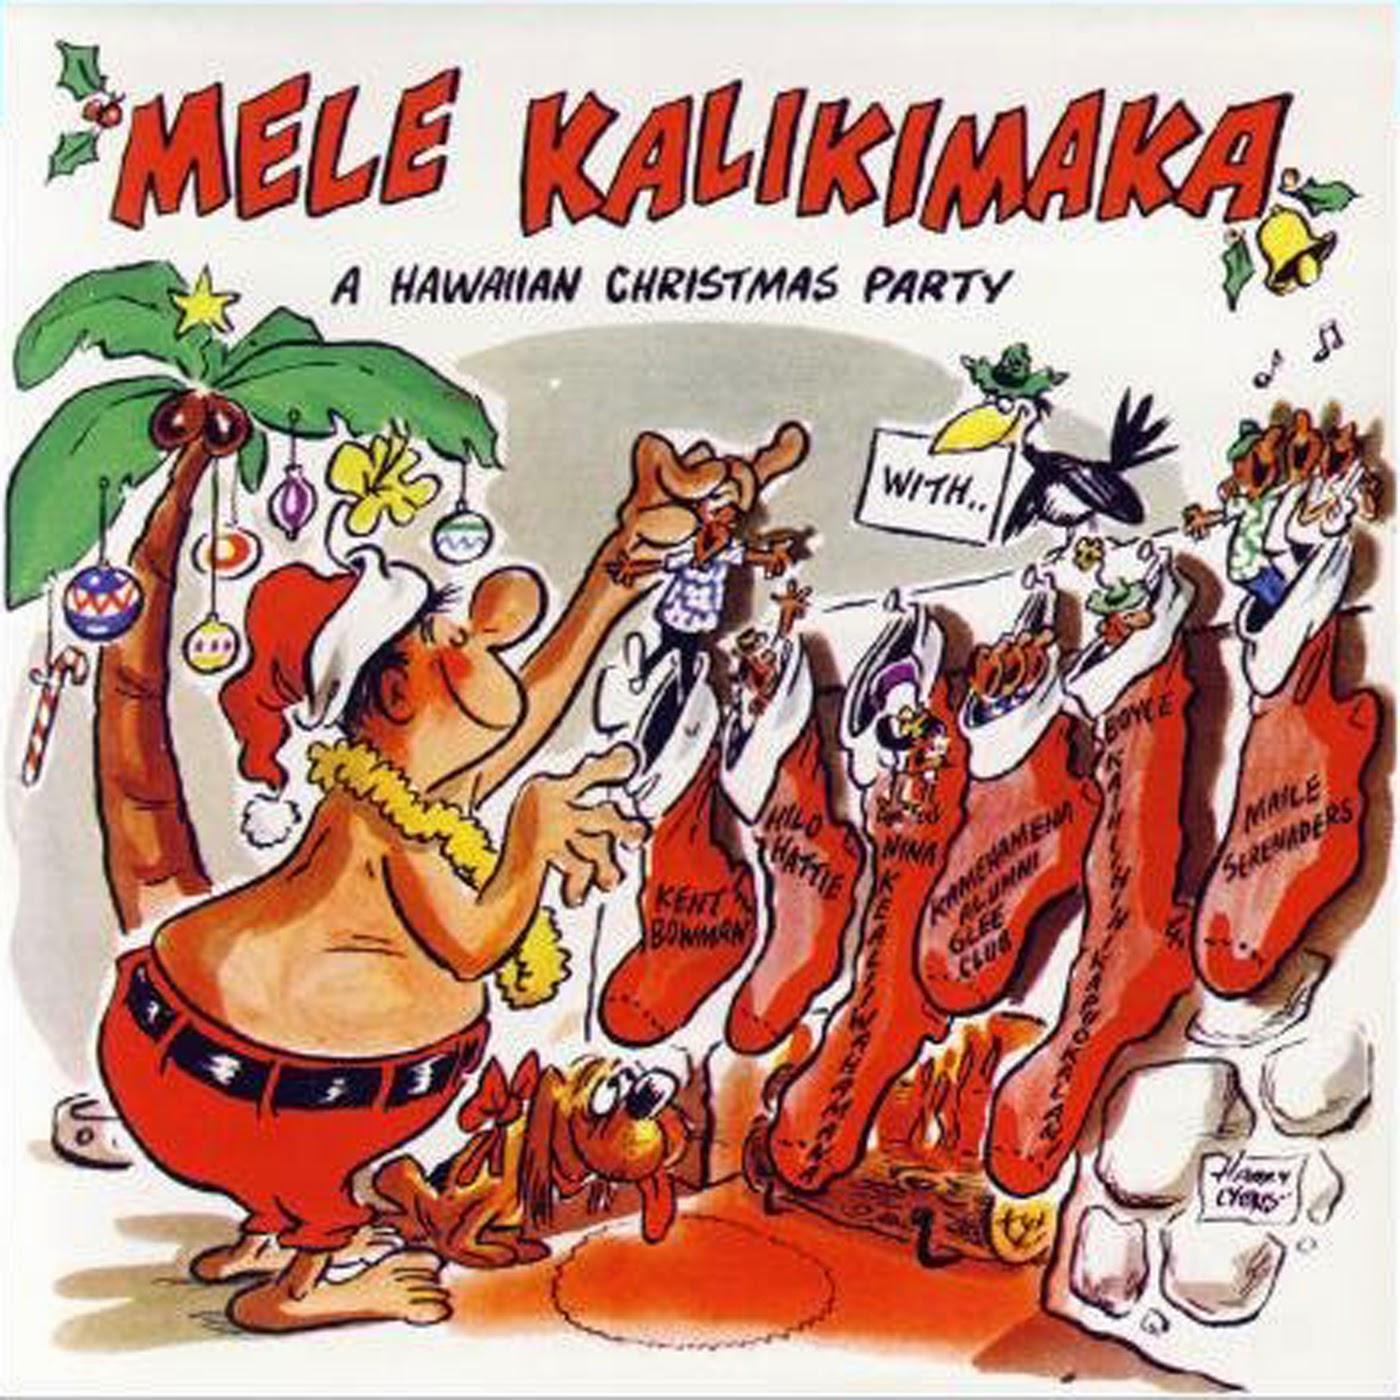 Vintage Stand Up Comedy Kent Bowman Mele Kalikimaka A Hawaiian